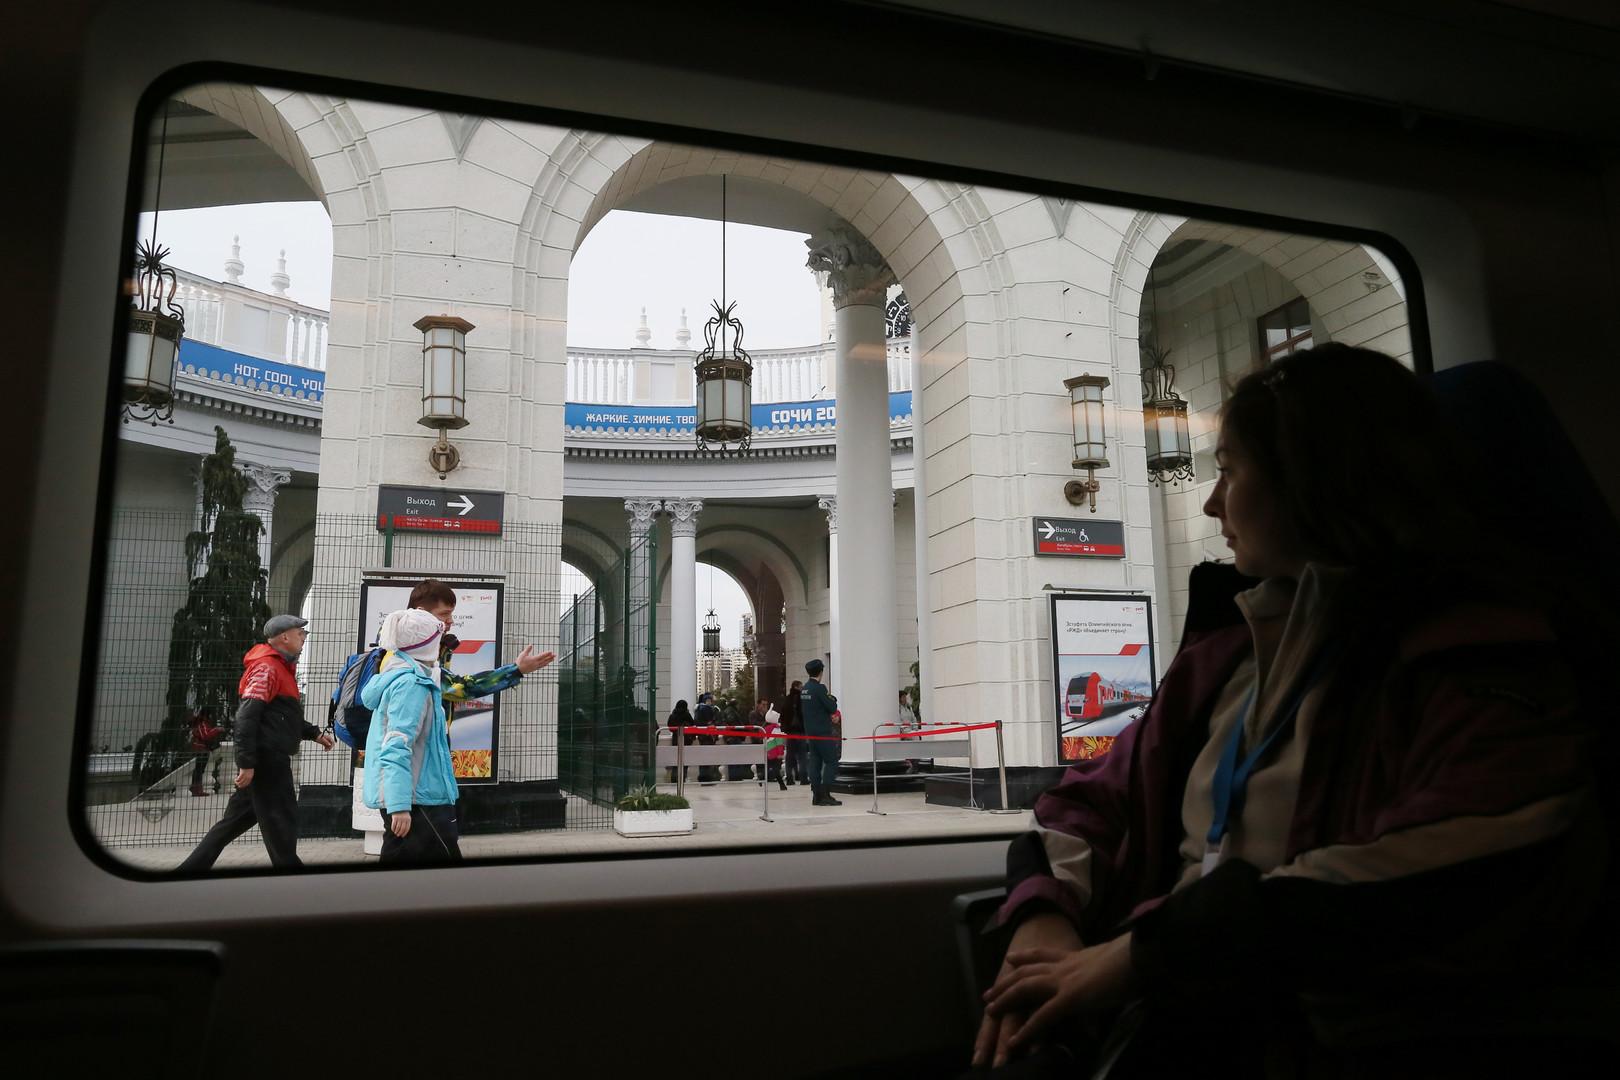 Das etwas andere Russlandbild - Austauschschülerin aus Ingolstadt berichtet RT von ihren Eindrücken